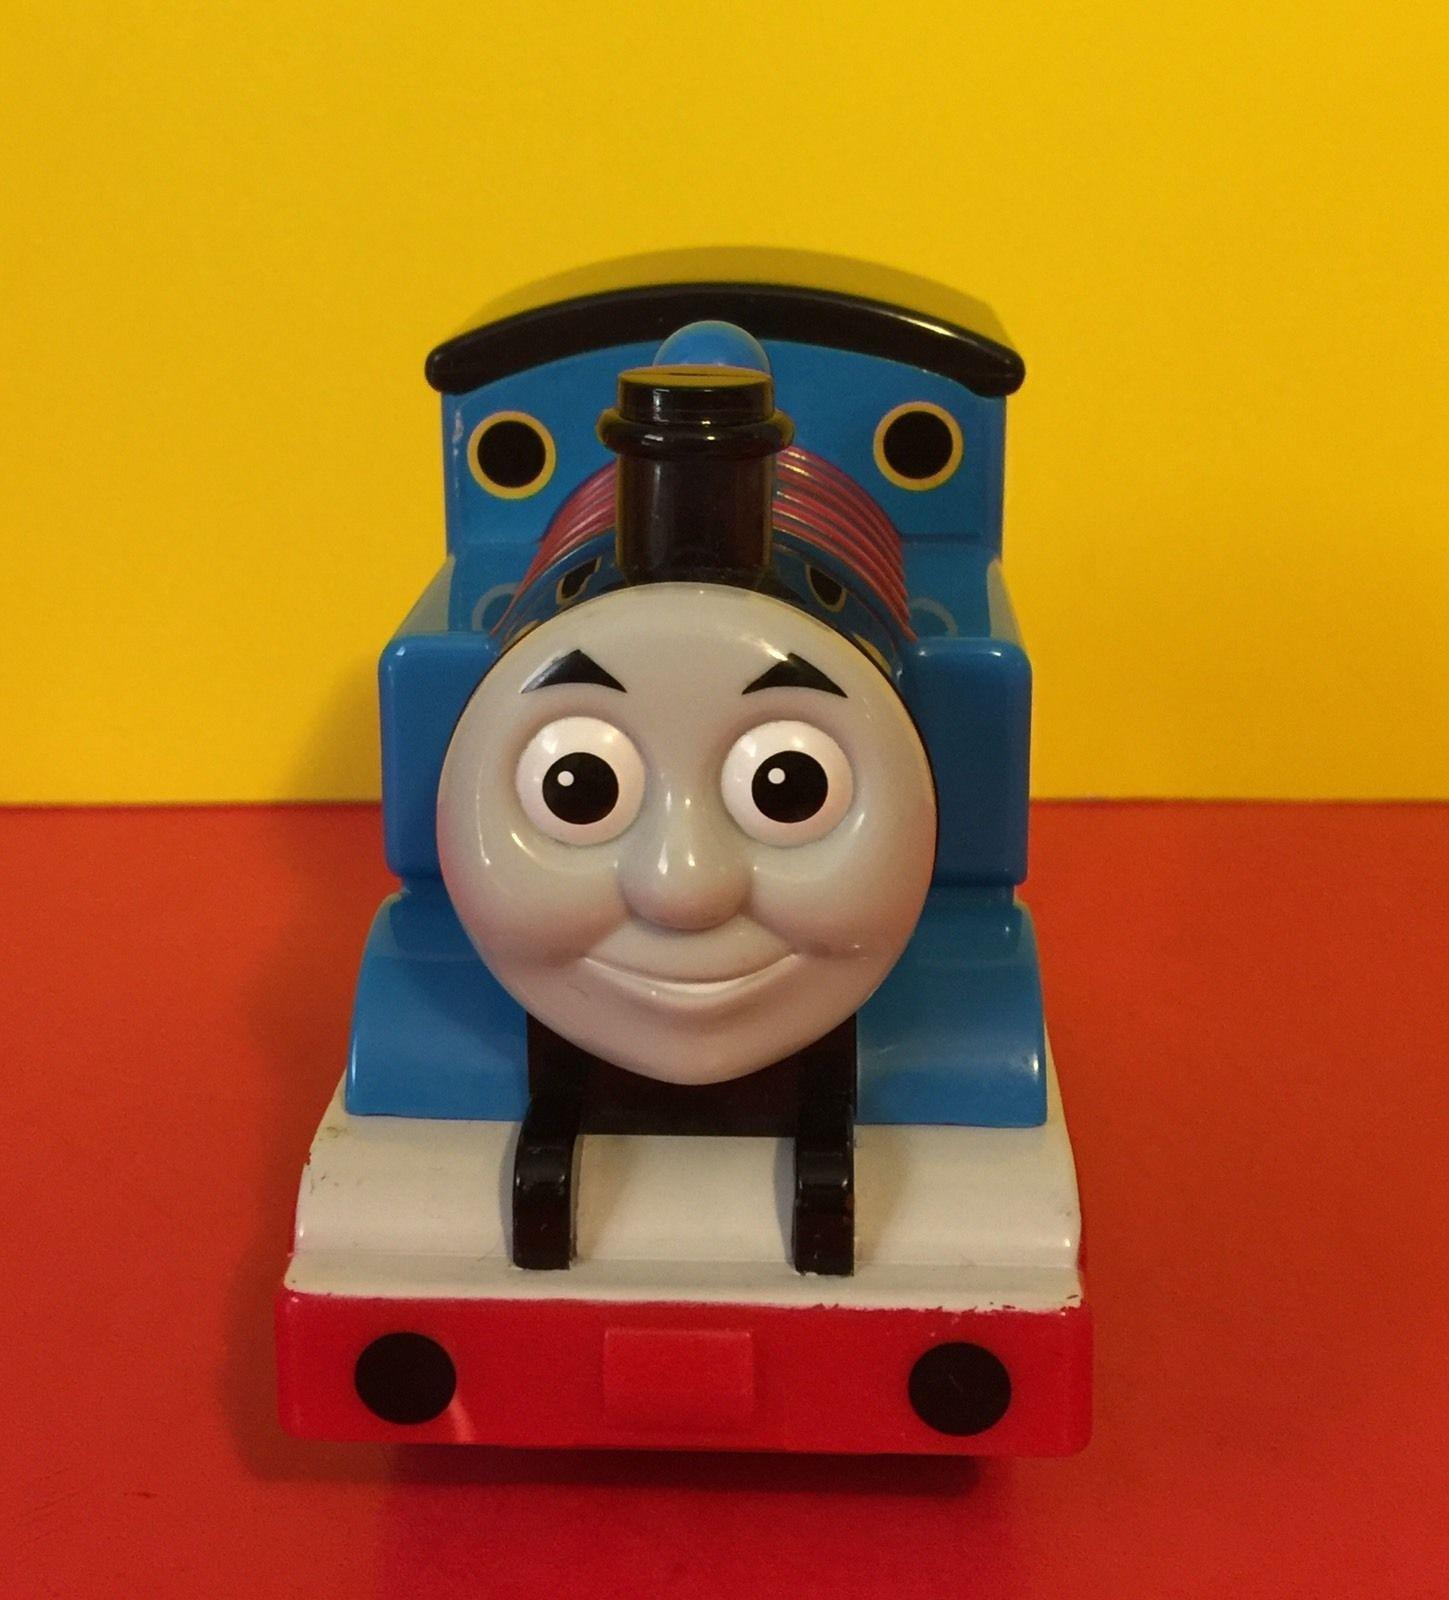 2007 Gullane Thomas Limited Thomas The Train Hit Toy